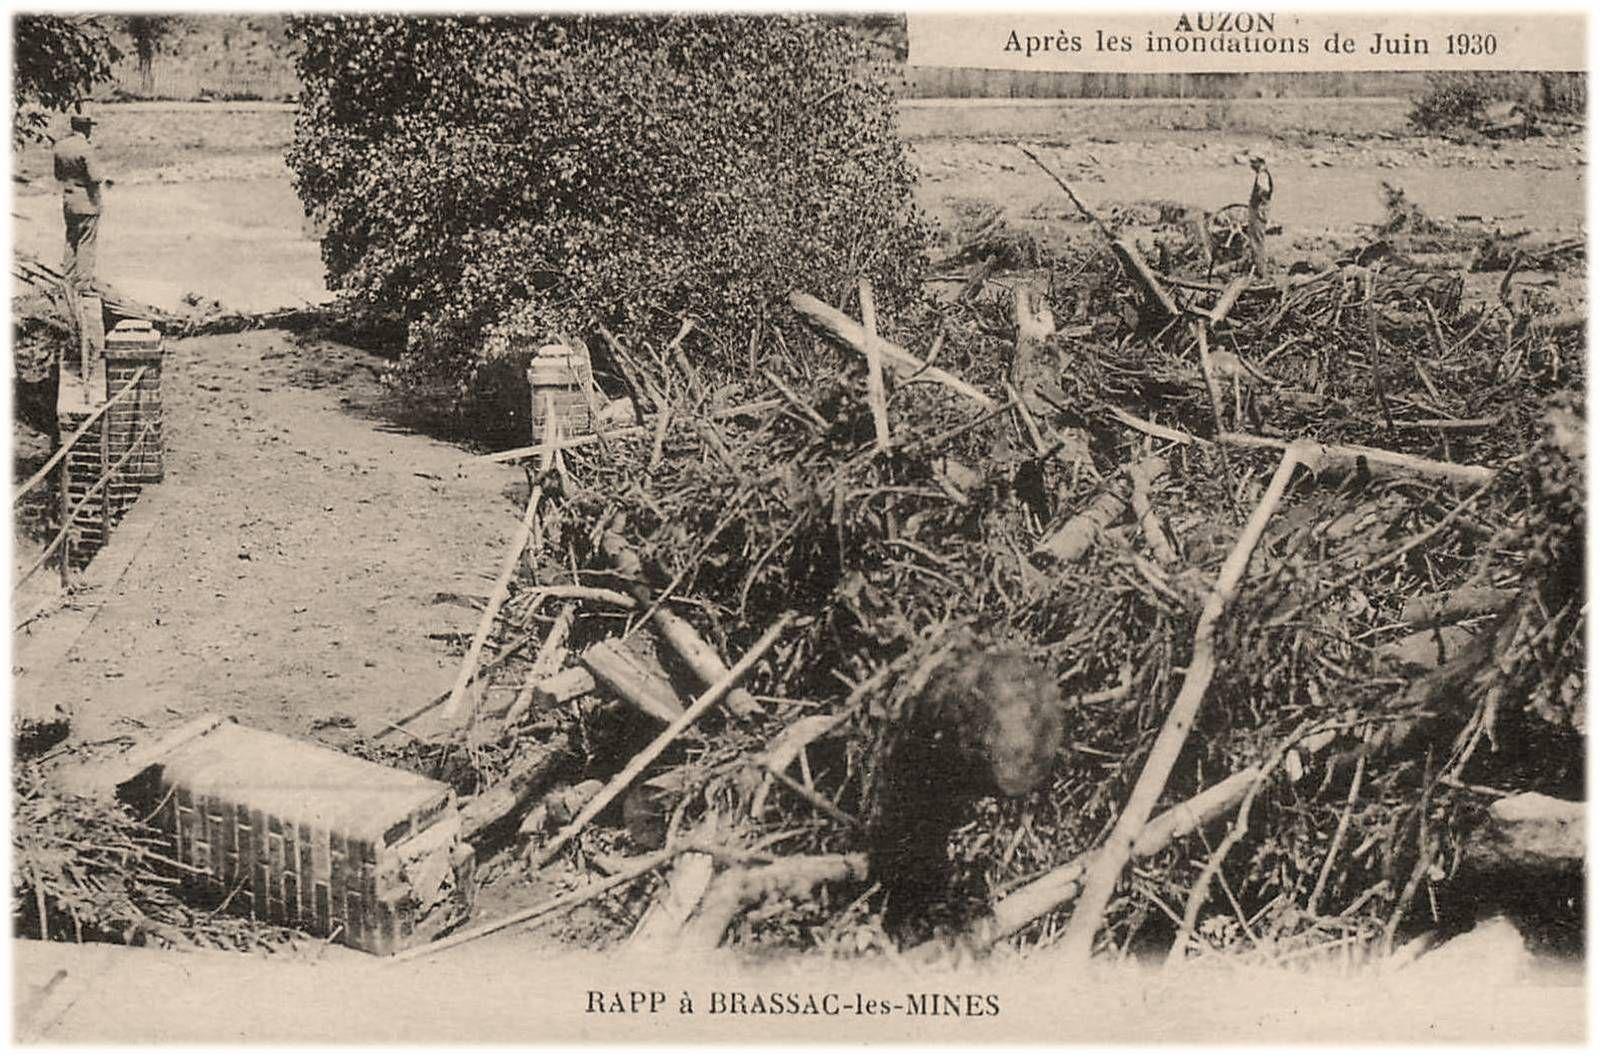 Innondation d'Auzon en 1930